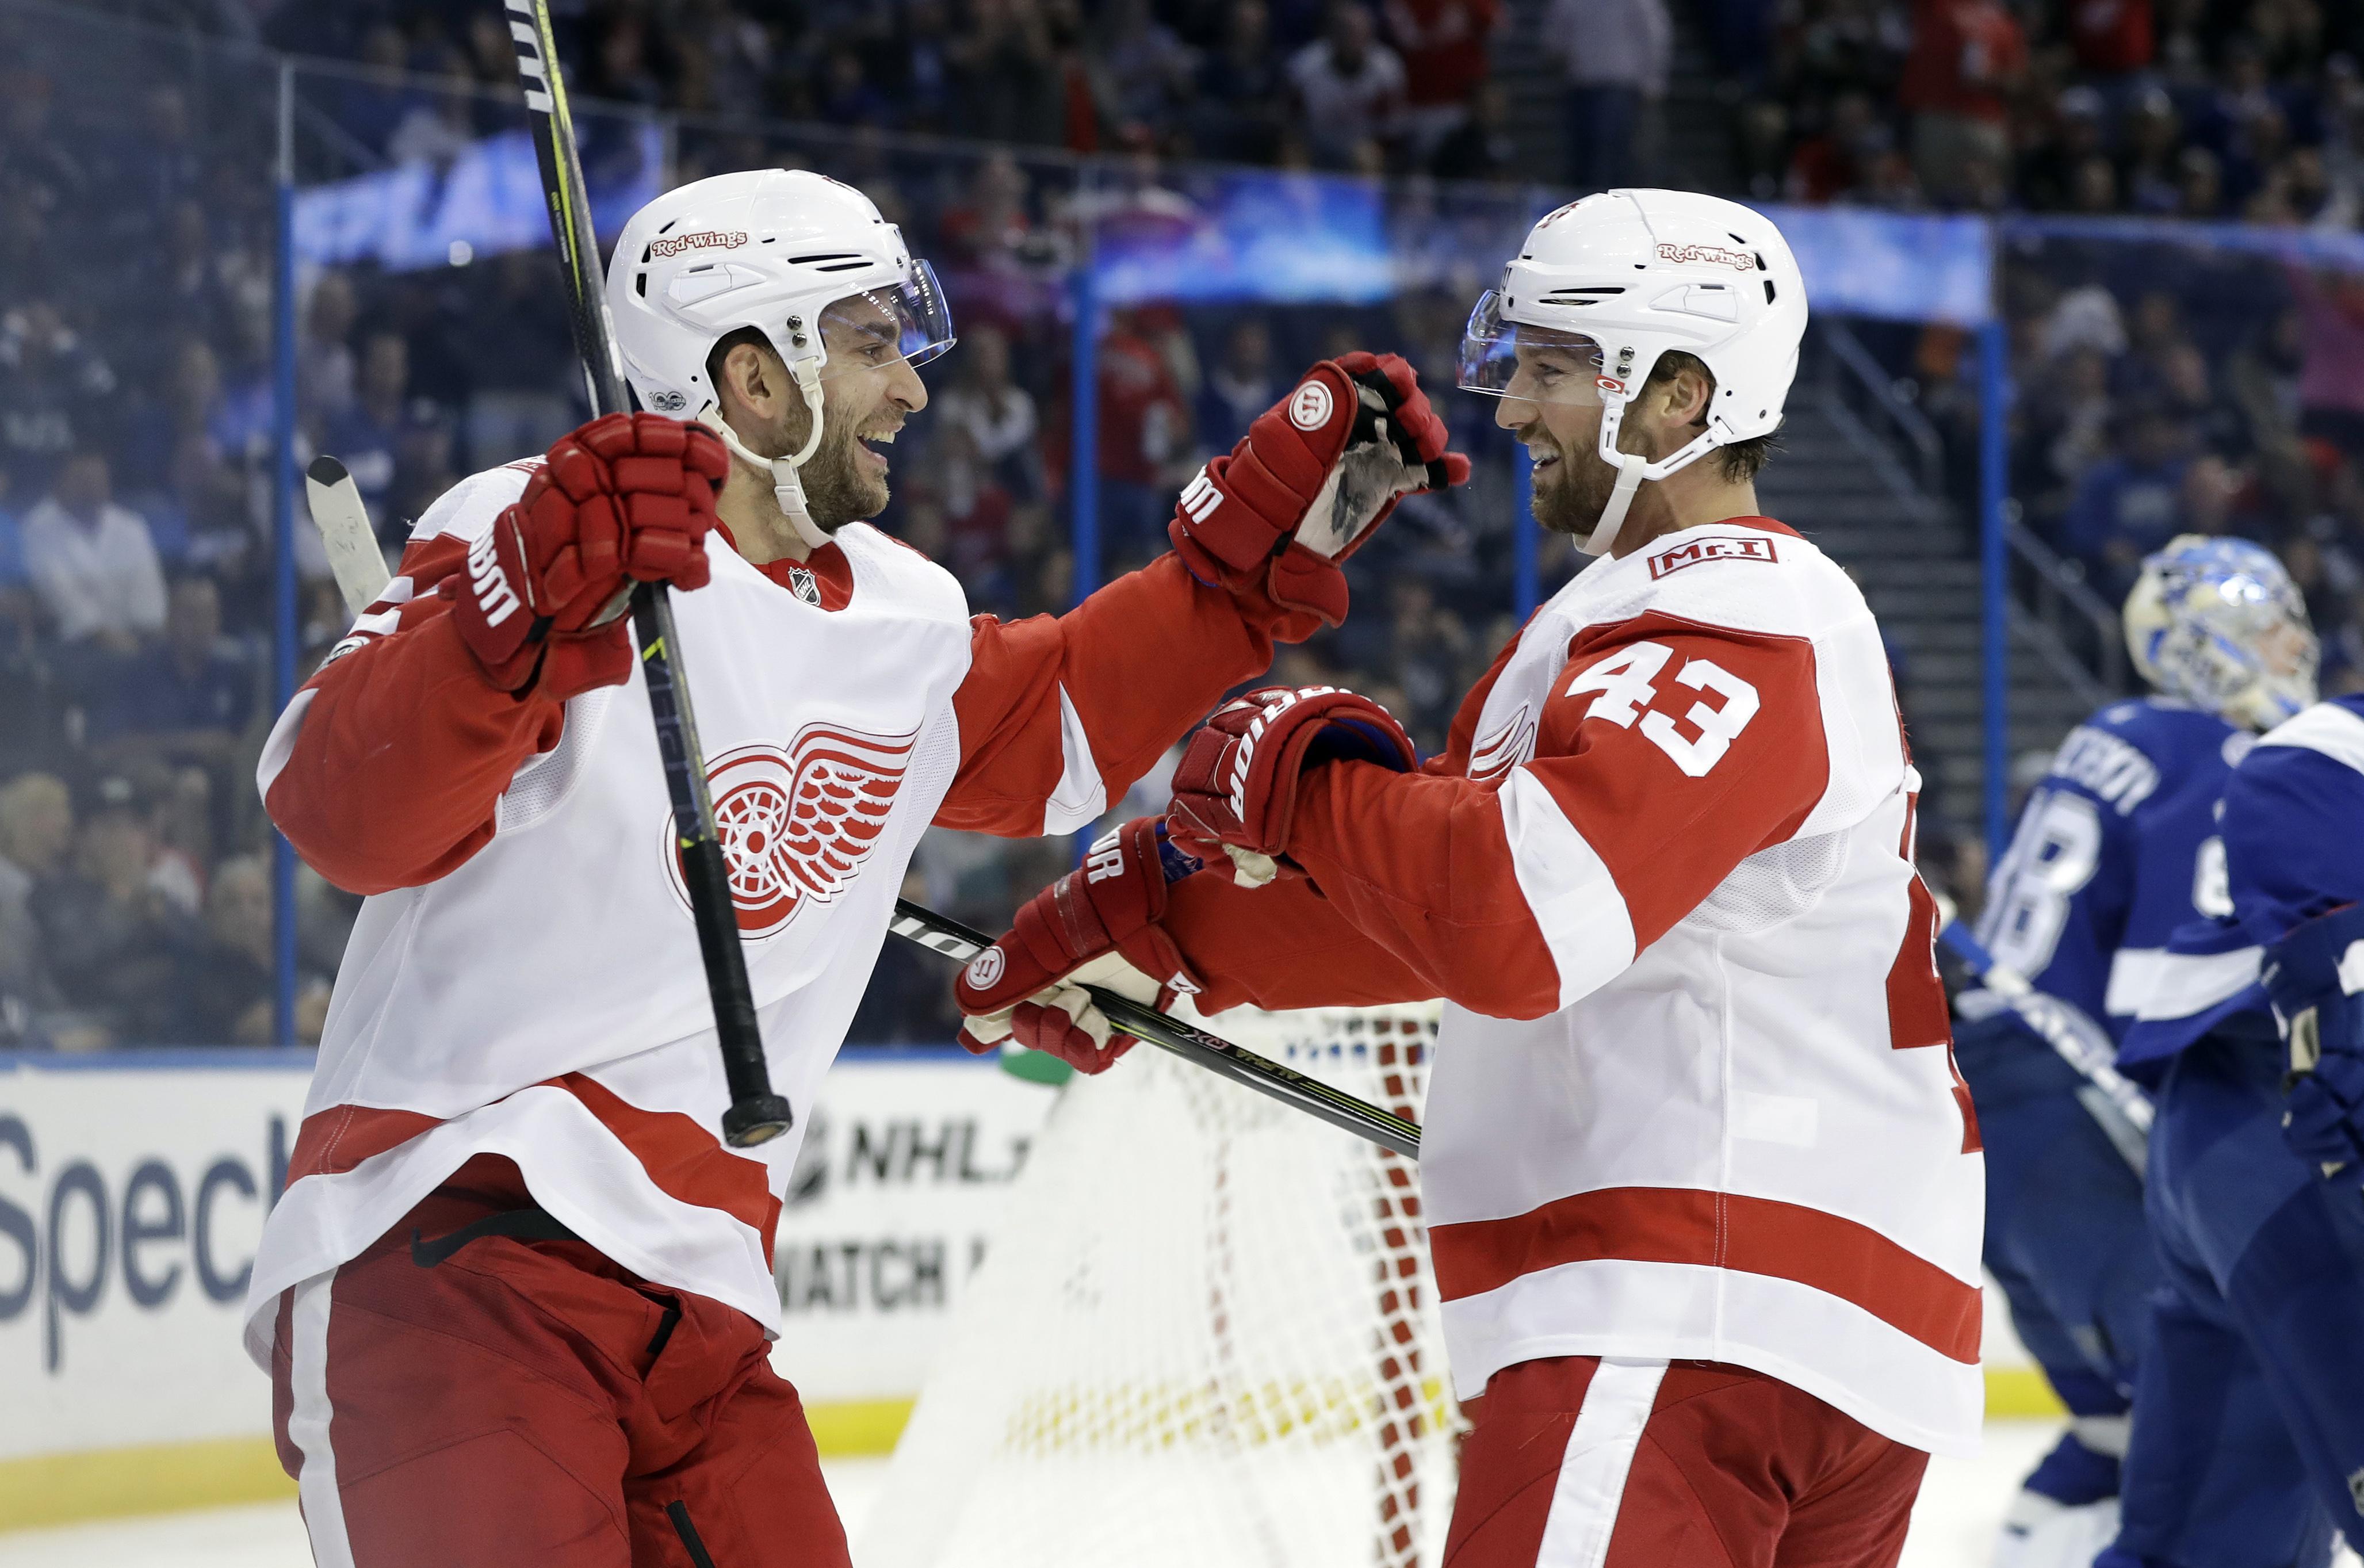 Red_wings_lightning_hockey_49378